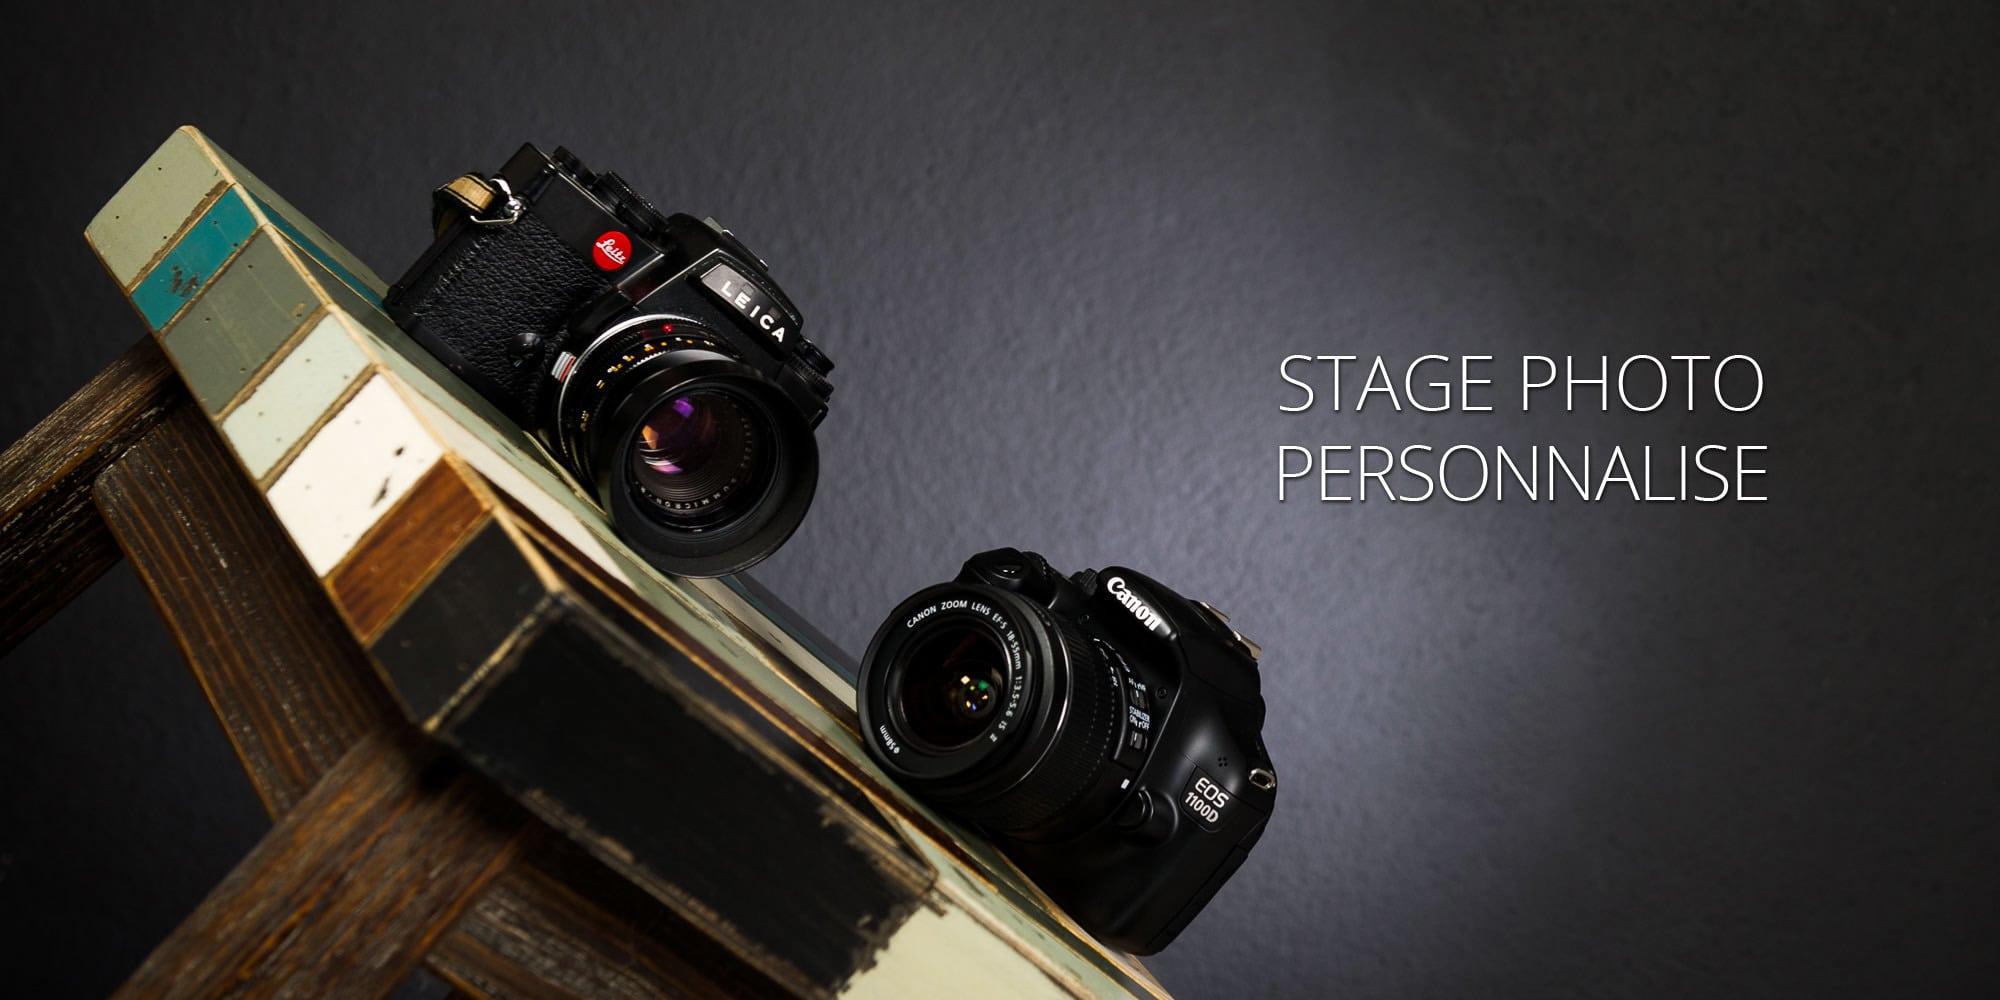 Instants-clichés-photographe-la-rochelle-charente-maritime-17-rochefort-surgeres-stage-photo-personnalise